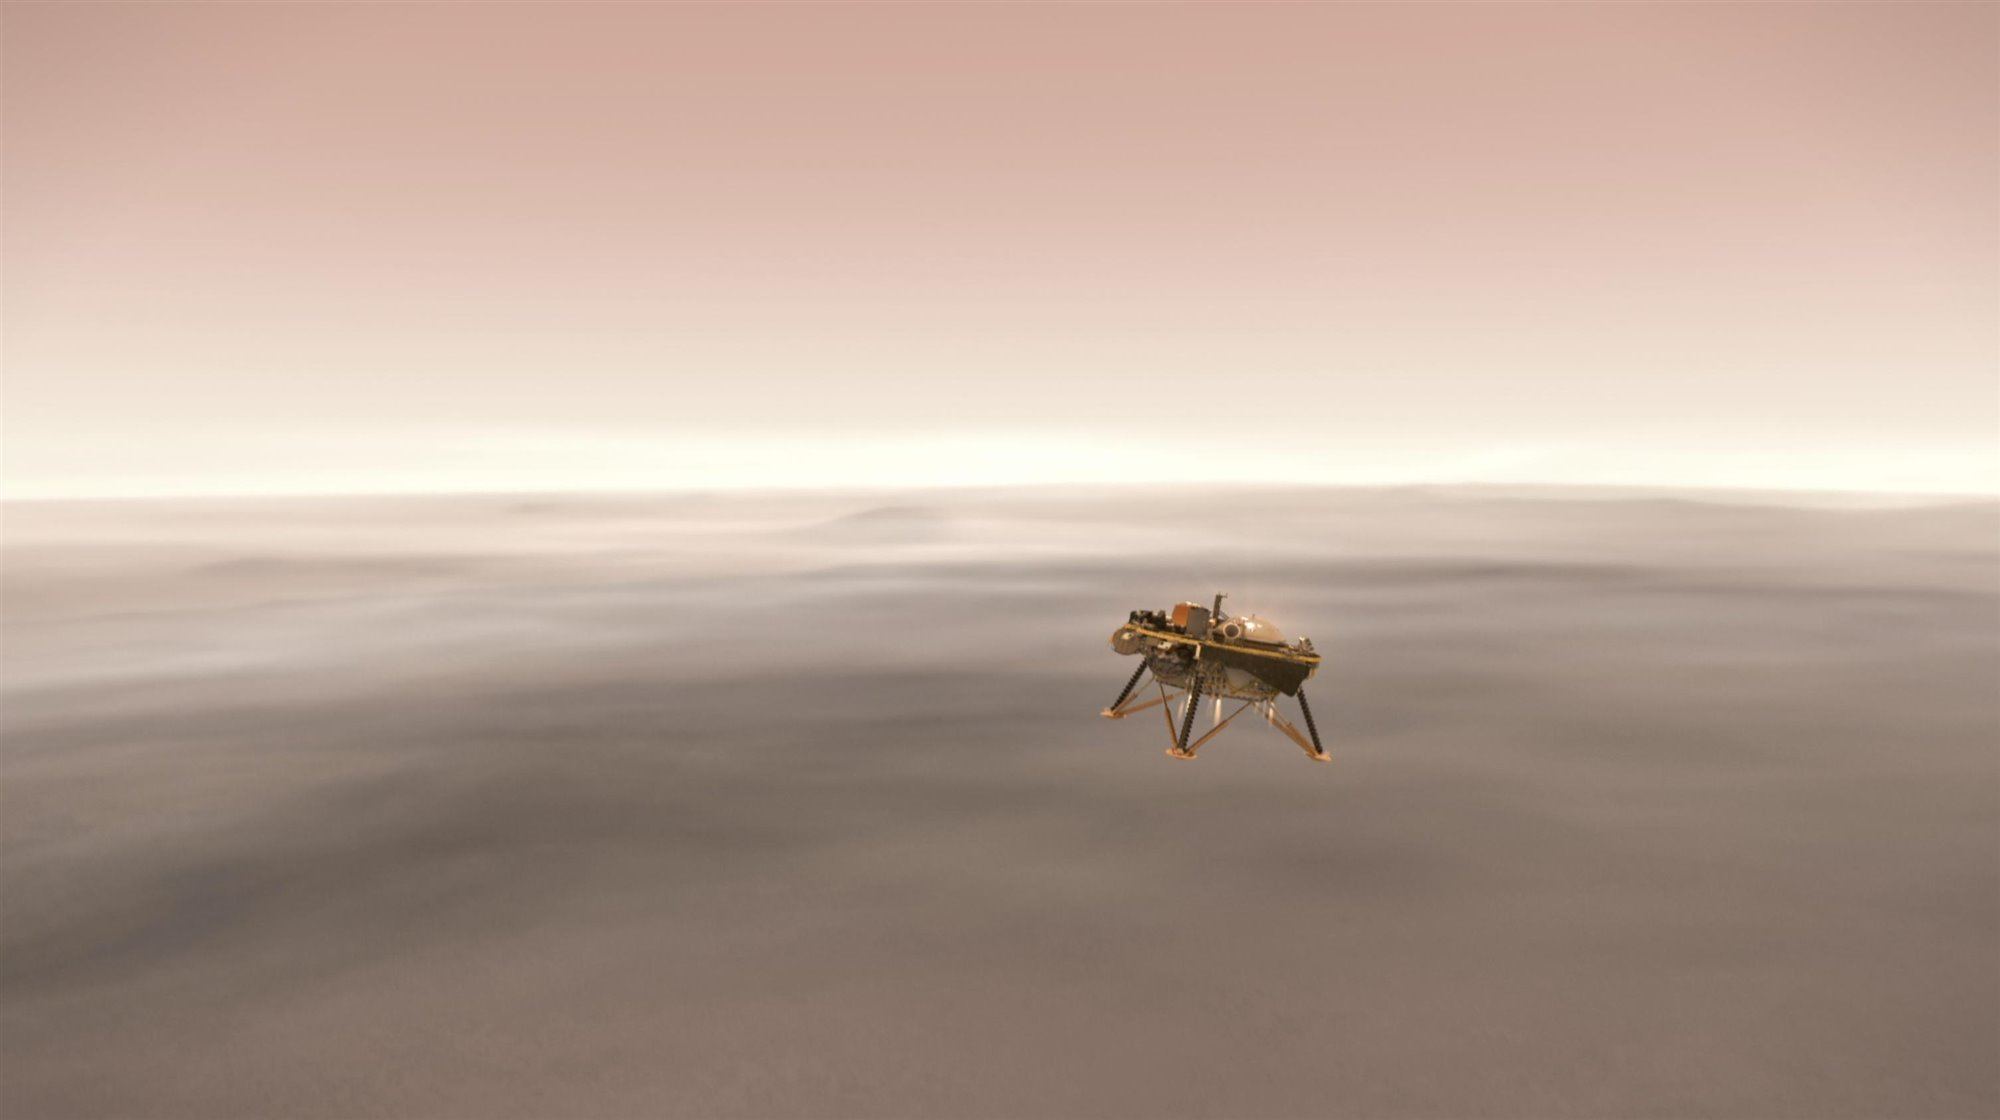 La misión InSight de la NASA aterrizará en Marte el lunes 26 de noviembre de 2018